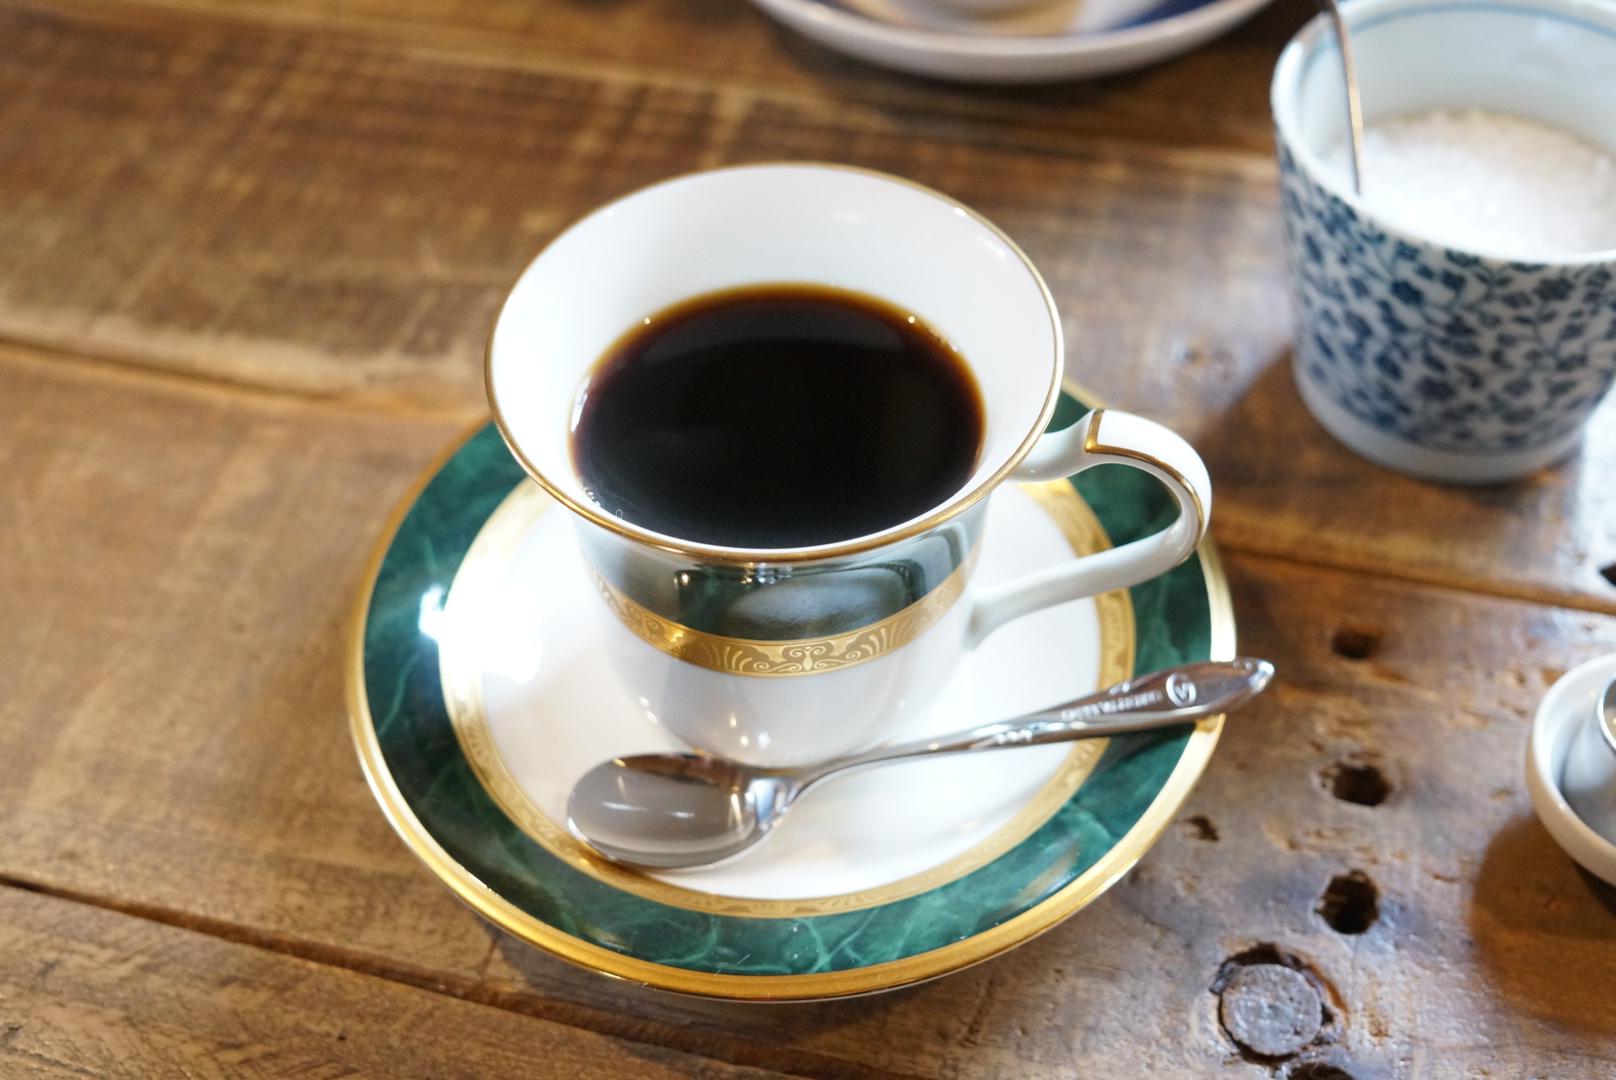 深煎り好きは箱館元町珈琲店のビターコーヒーを。(北海道函館市)